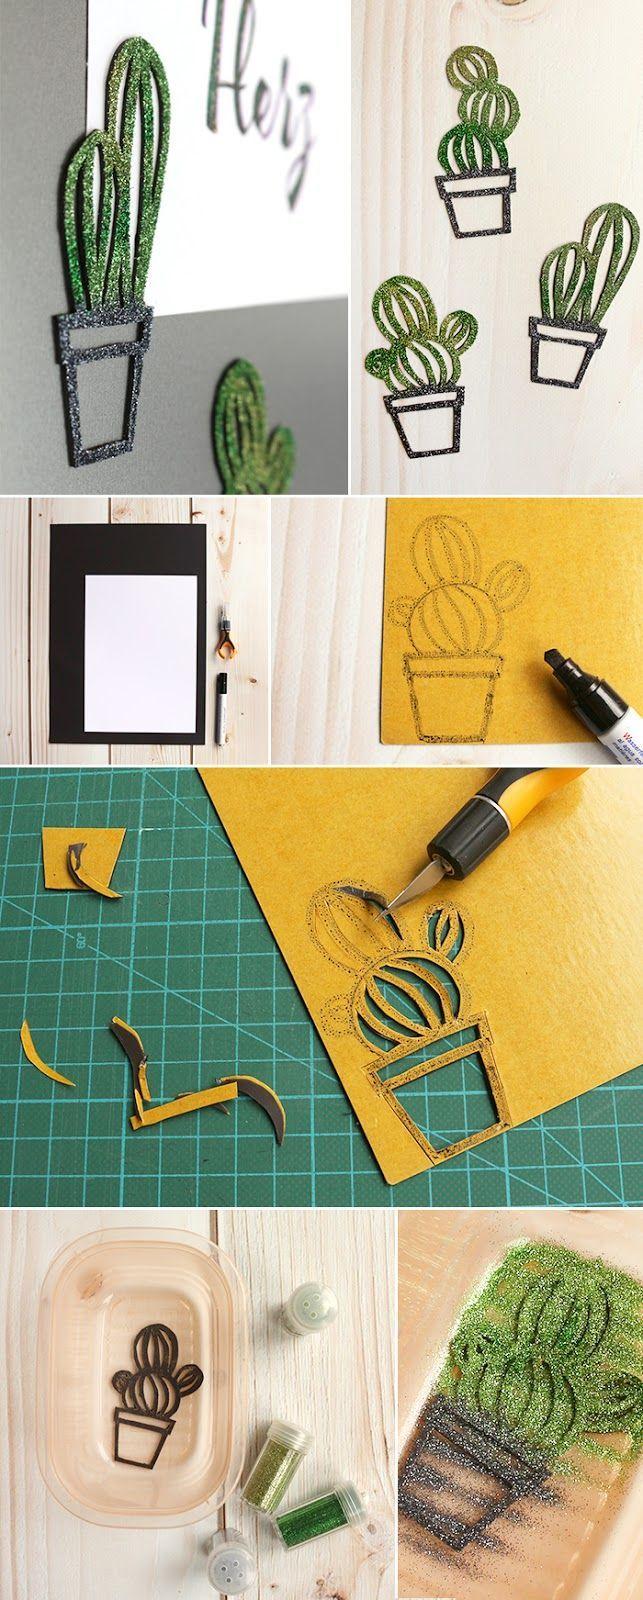 Do it yourself magnete in kakteenform aus magnetfolie basteln diy deko pinterest - Papierlampe kinderzimmer ...